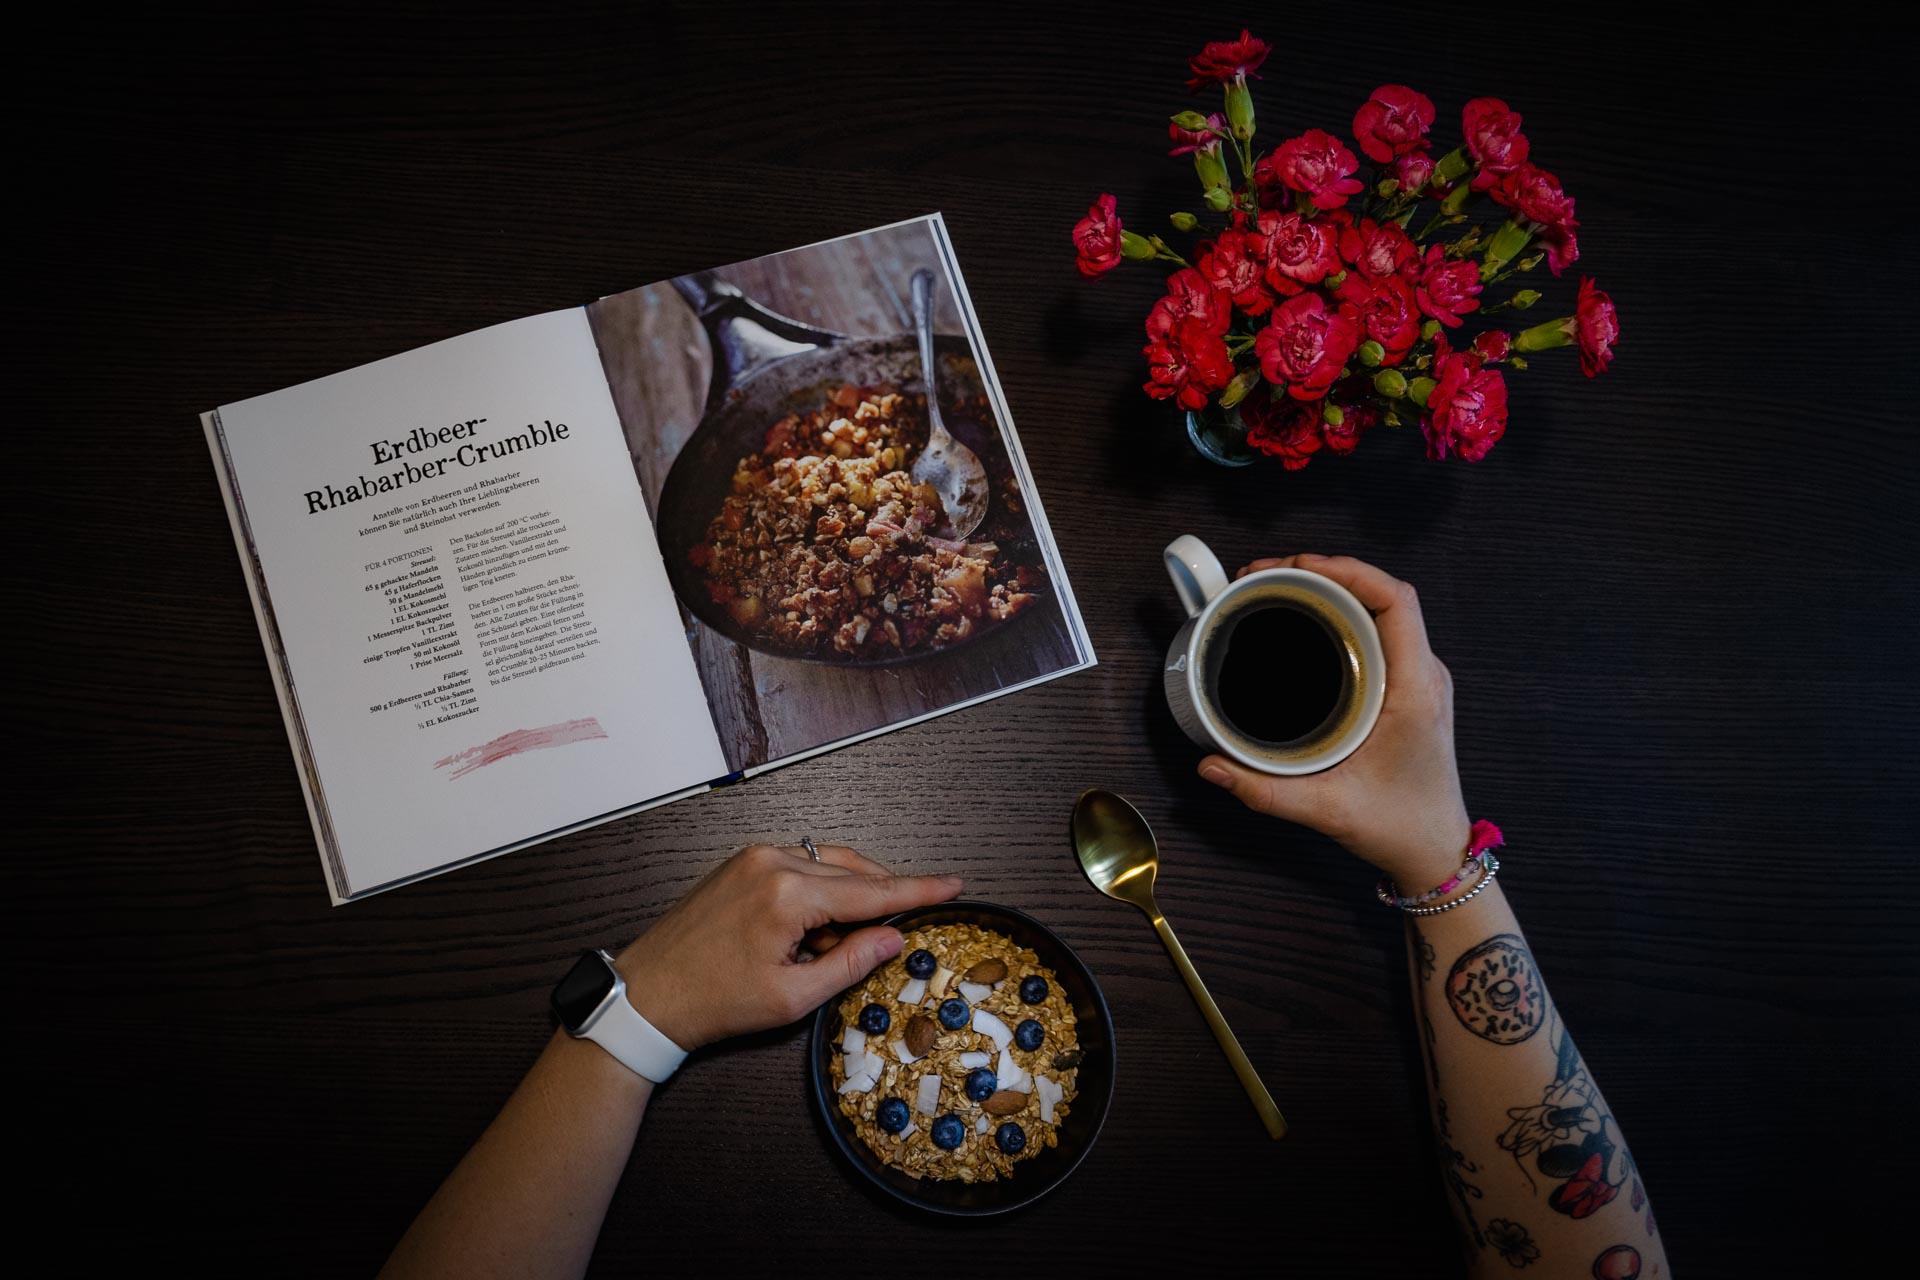 Stefanie am lesen und Kaffee trinken von oben Arm Tattoos